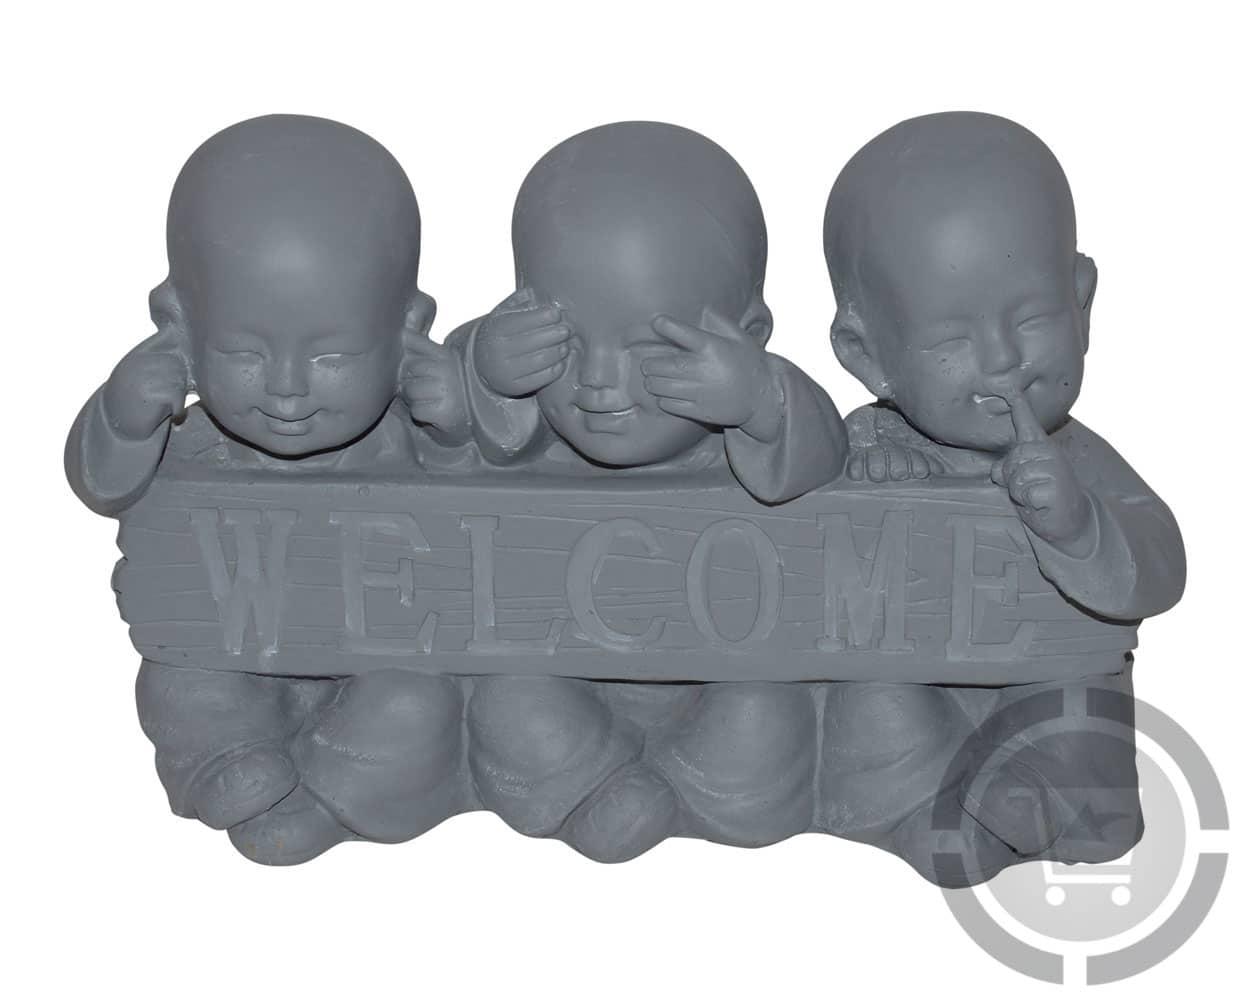 horen zien en zwijgen monnikjes beeldjes te koop